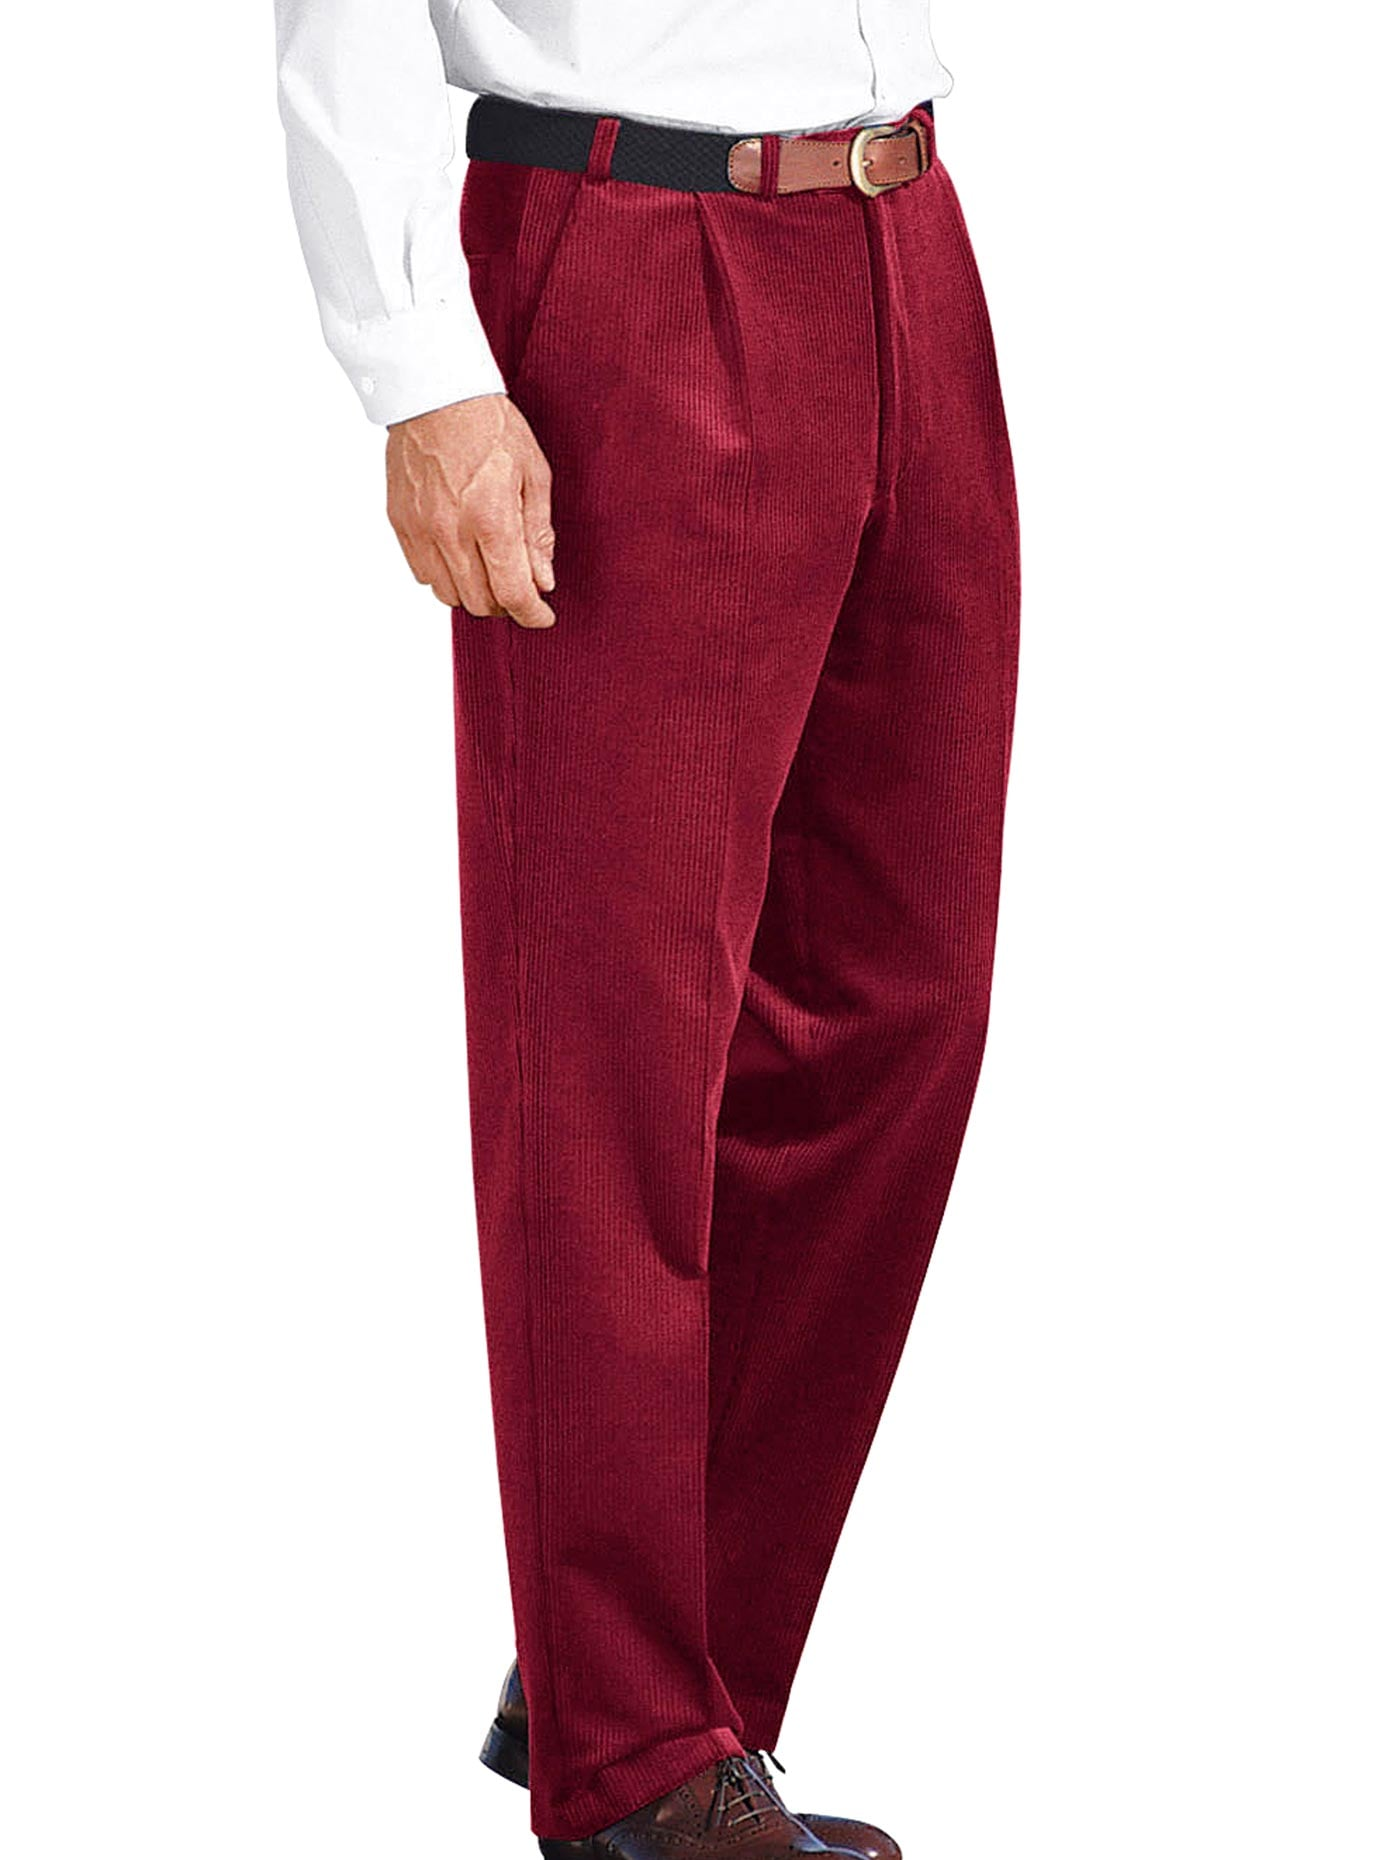 Classic Unterbauch-Stretchcord-Hose mit Dehnbund | Bekleidung > Hosen | Classic